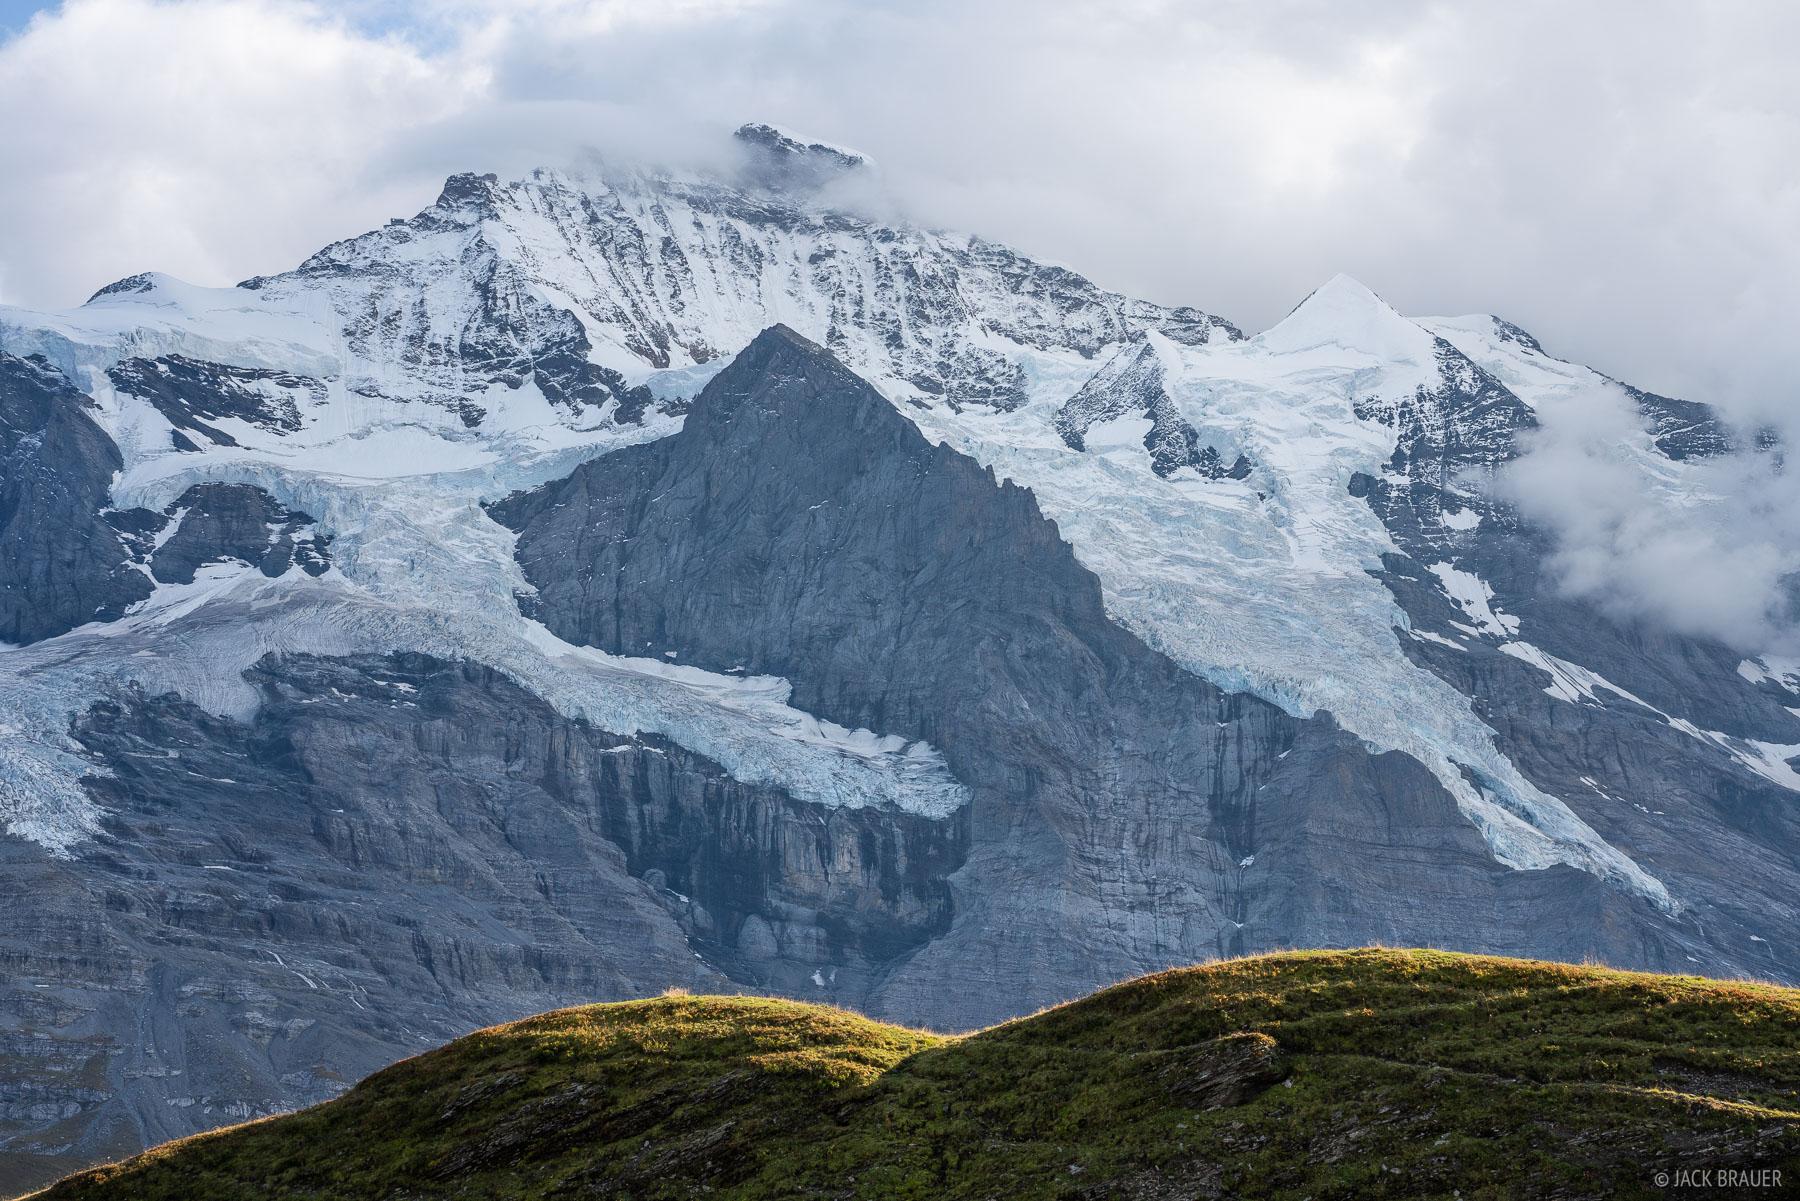 Bernese Alps, Jungfrau, Kleine Scheidegg, Switzerland, photo